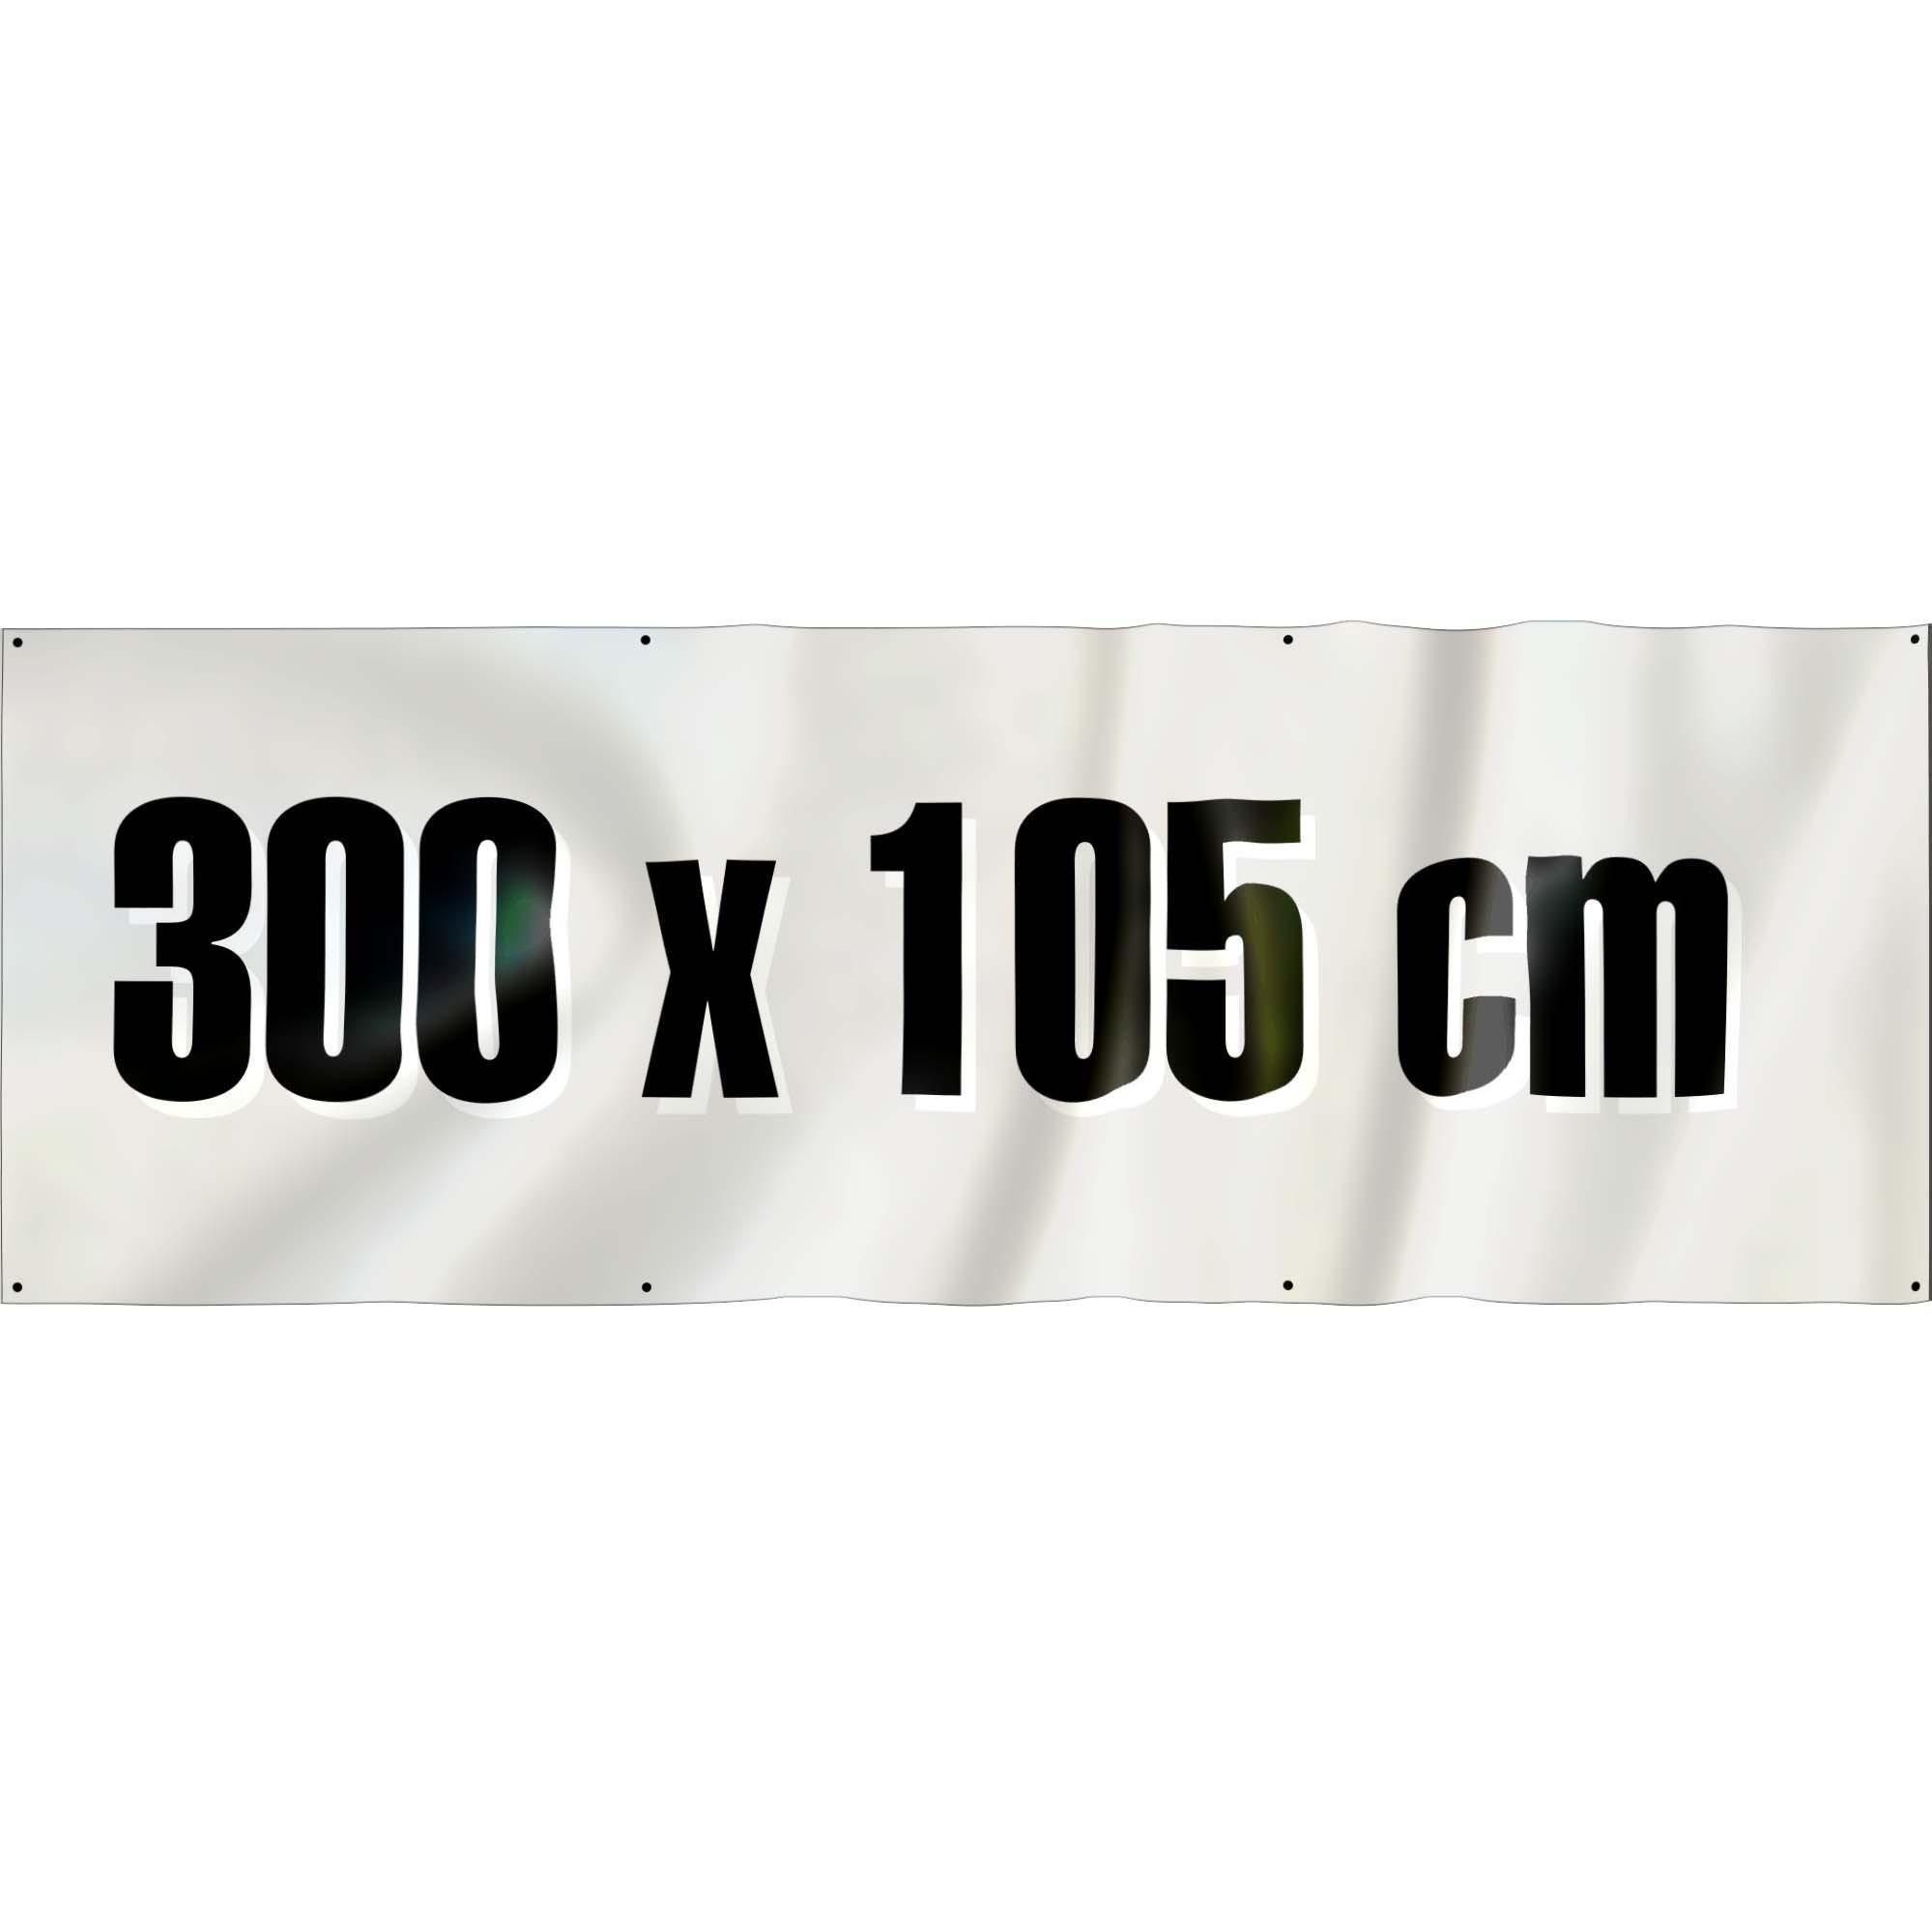 Spandoek 300 x 105 cm ( frontlit bisonyl )